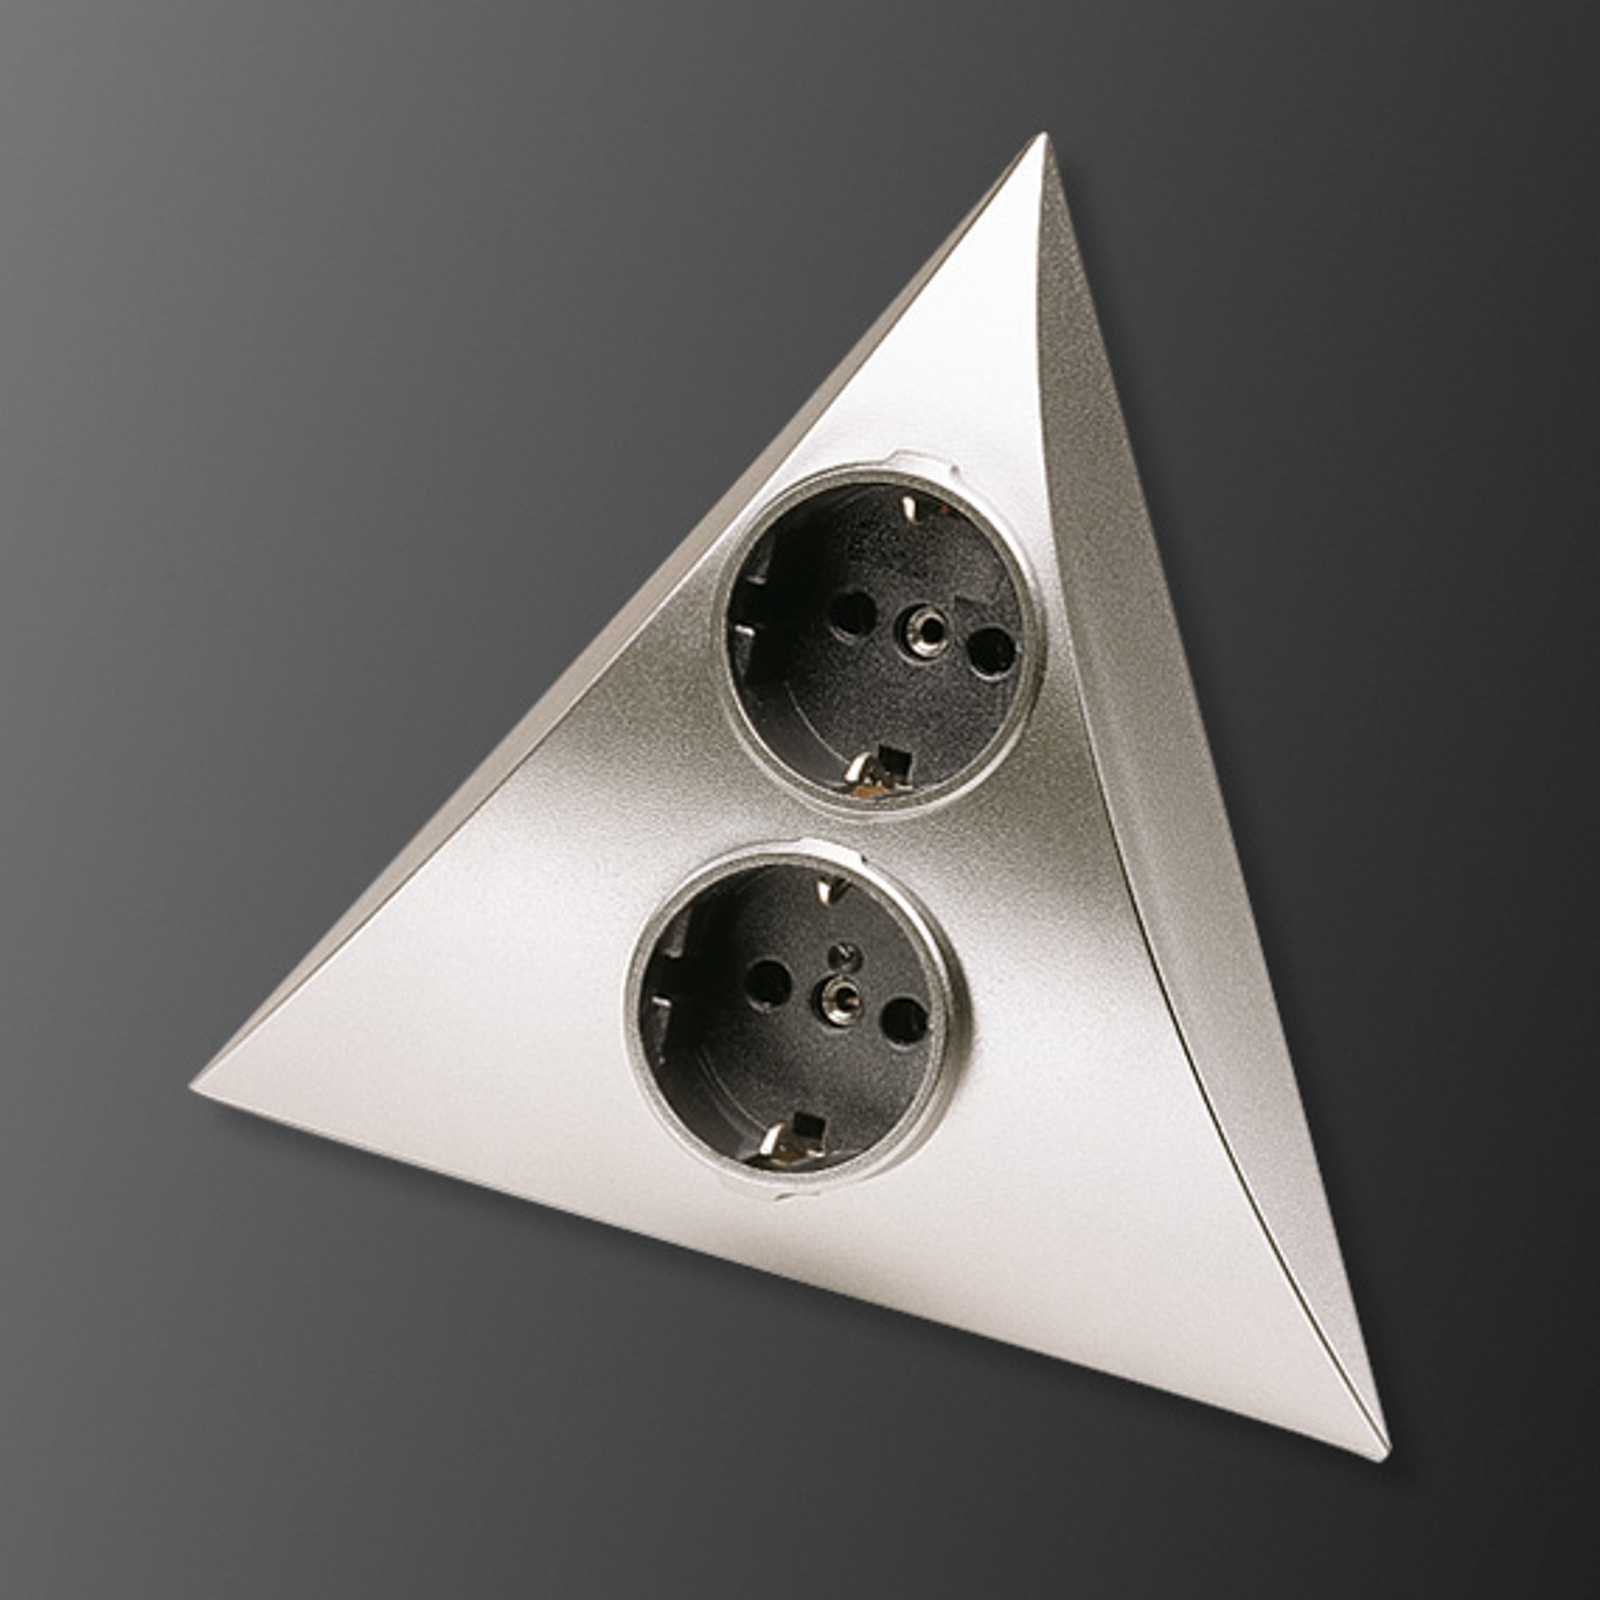 Stikkontakt-kombinasjon Luxor stål 2 stikkontakt